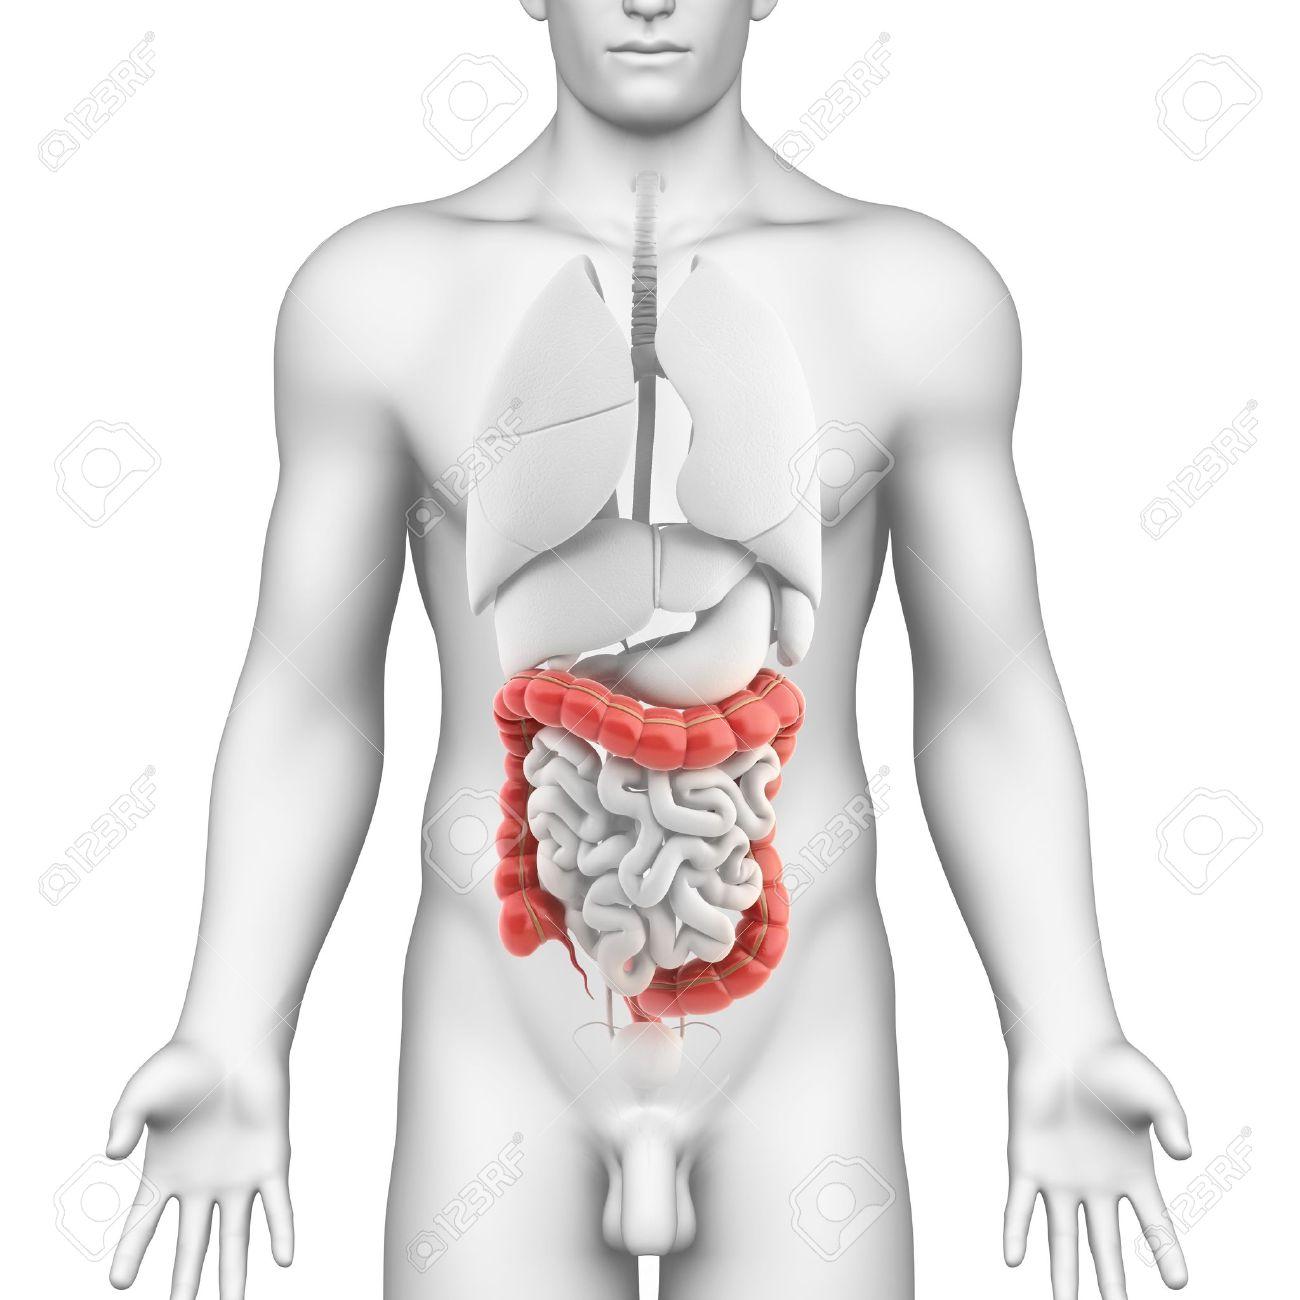 Colon Anatomie Der Männlichen Verdauungssystem Lizenzfreie Fotos ...